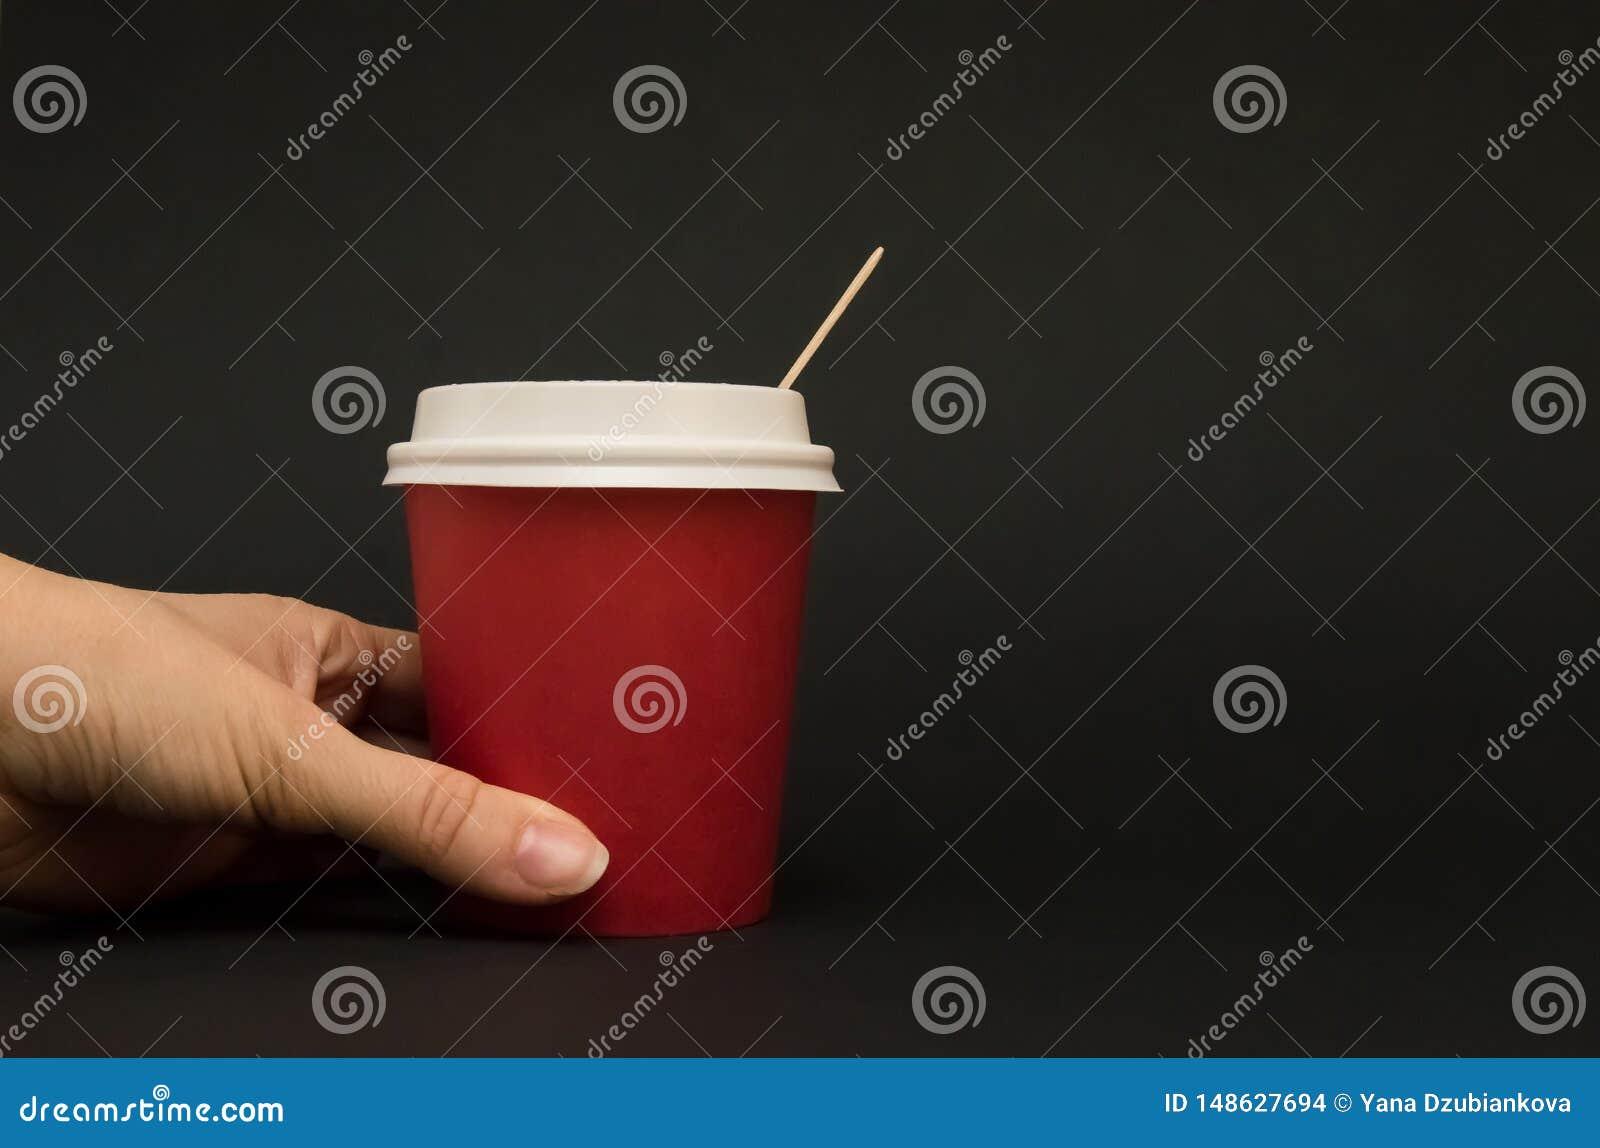 Rote Papierschale für Kaffee mit einem Deckel auf einem schwarzen Hintergrund, Hand hält eine Papierschale